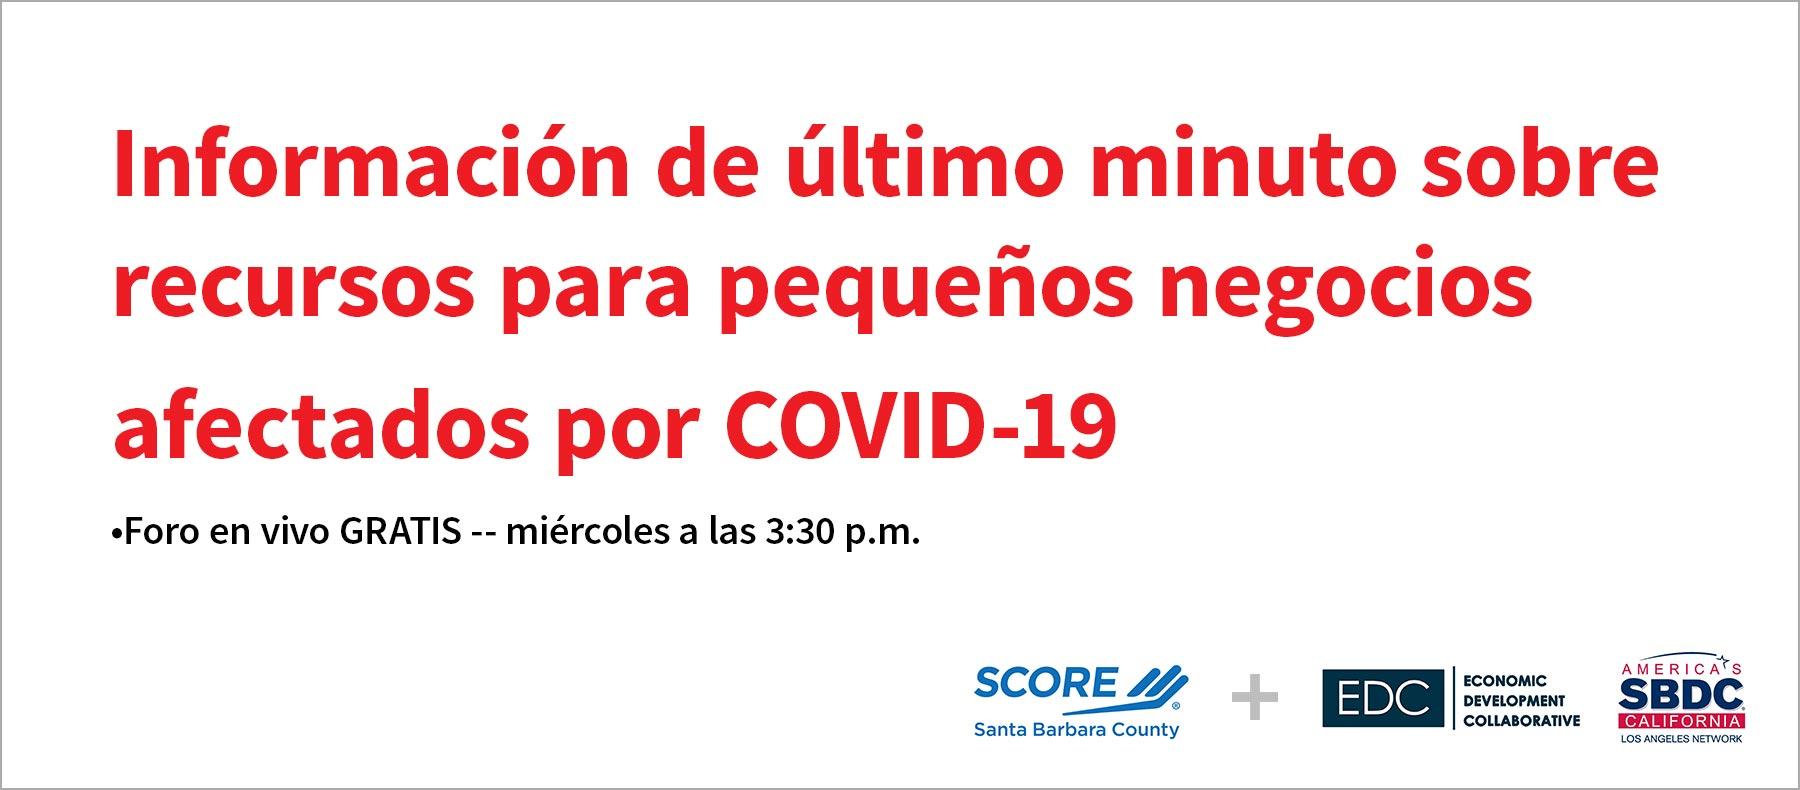 6-24 -- COVID-19 recursos para pequenos negocios FORO EN VIVO